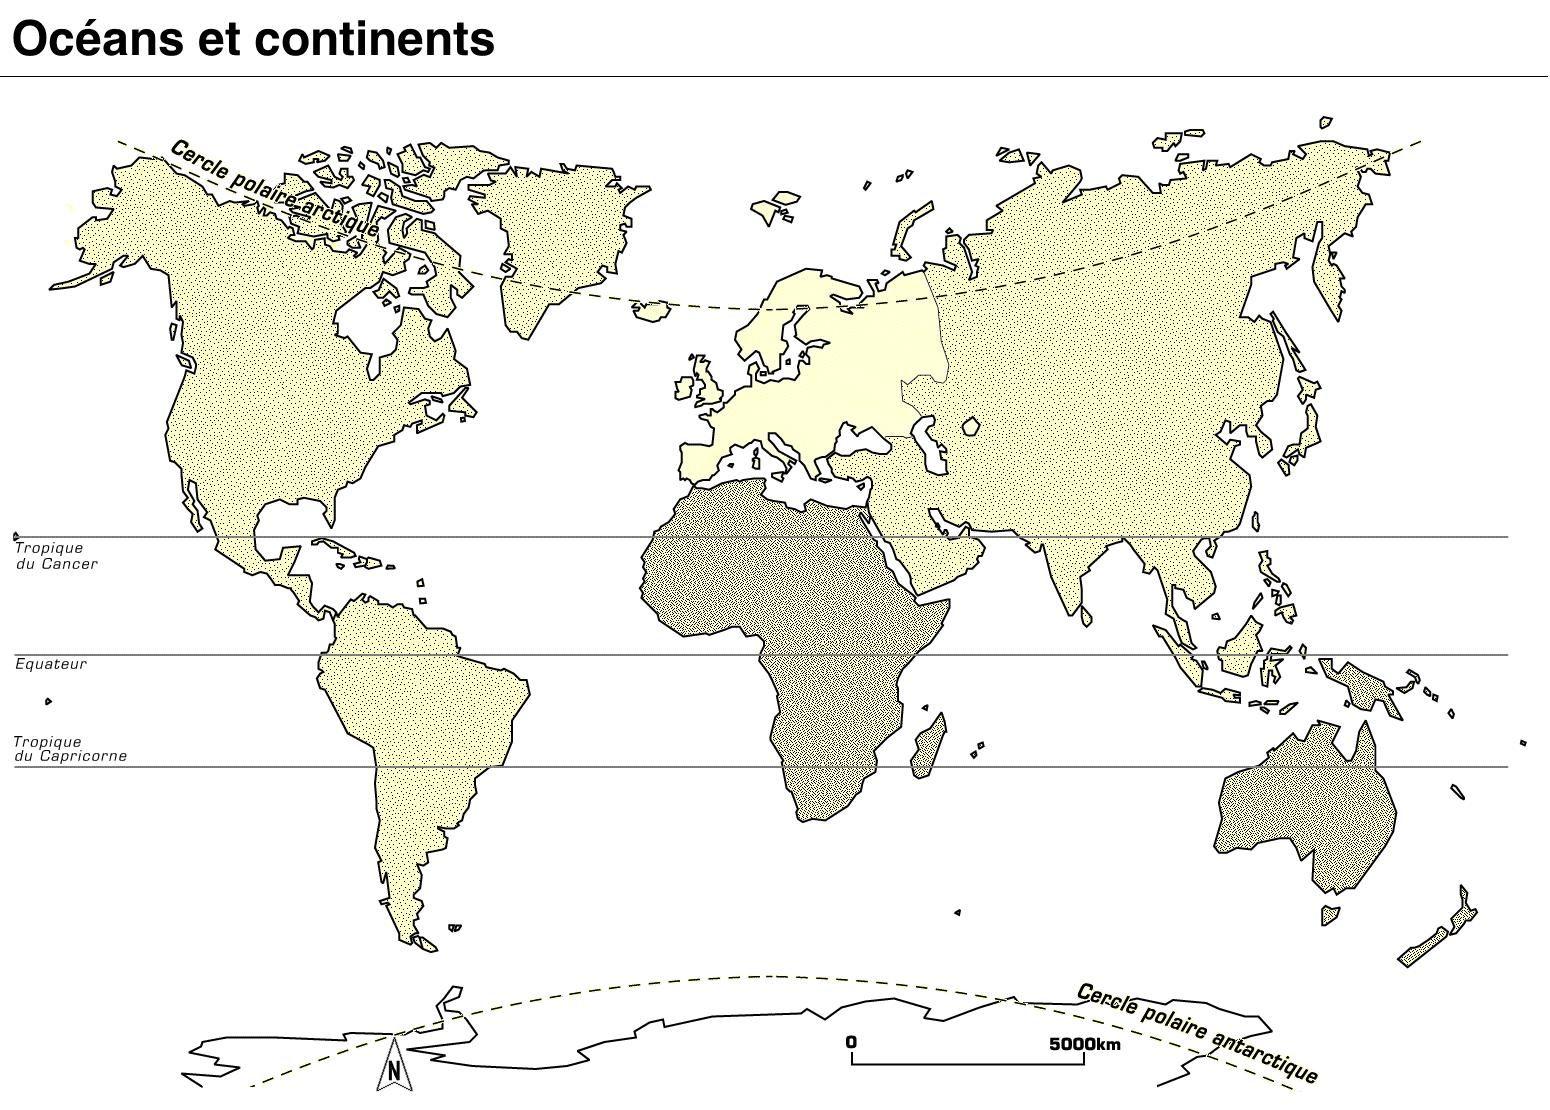 carte des continents et océans Carte Des Continents Et Océans Vierge | tonaartsenfotografie (avec